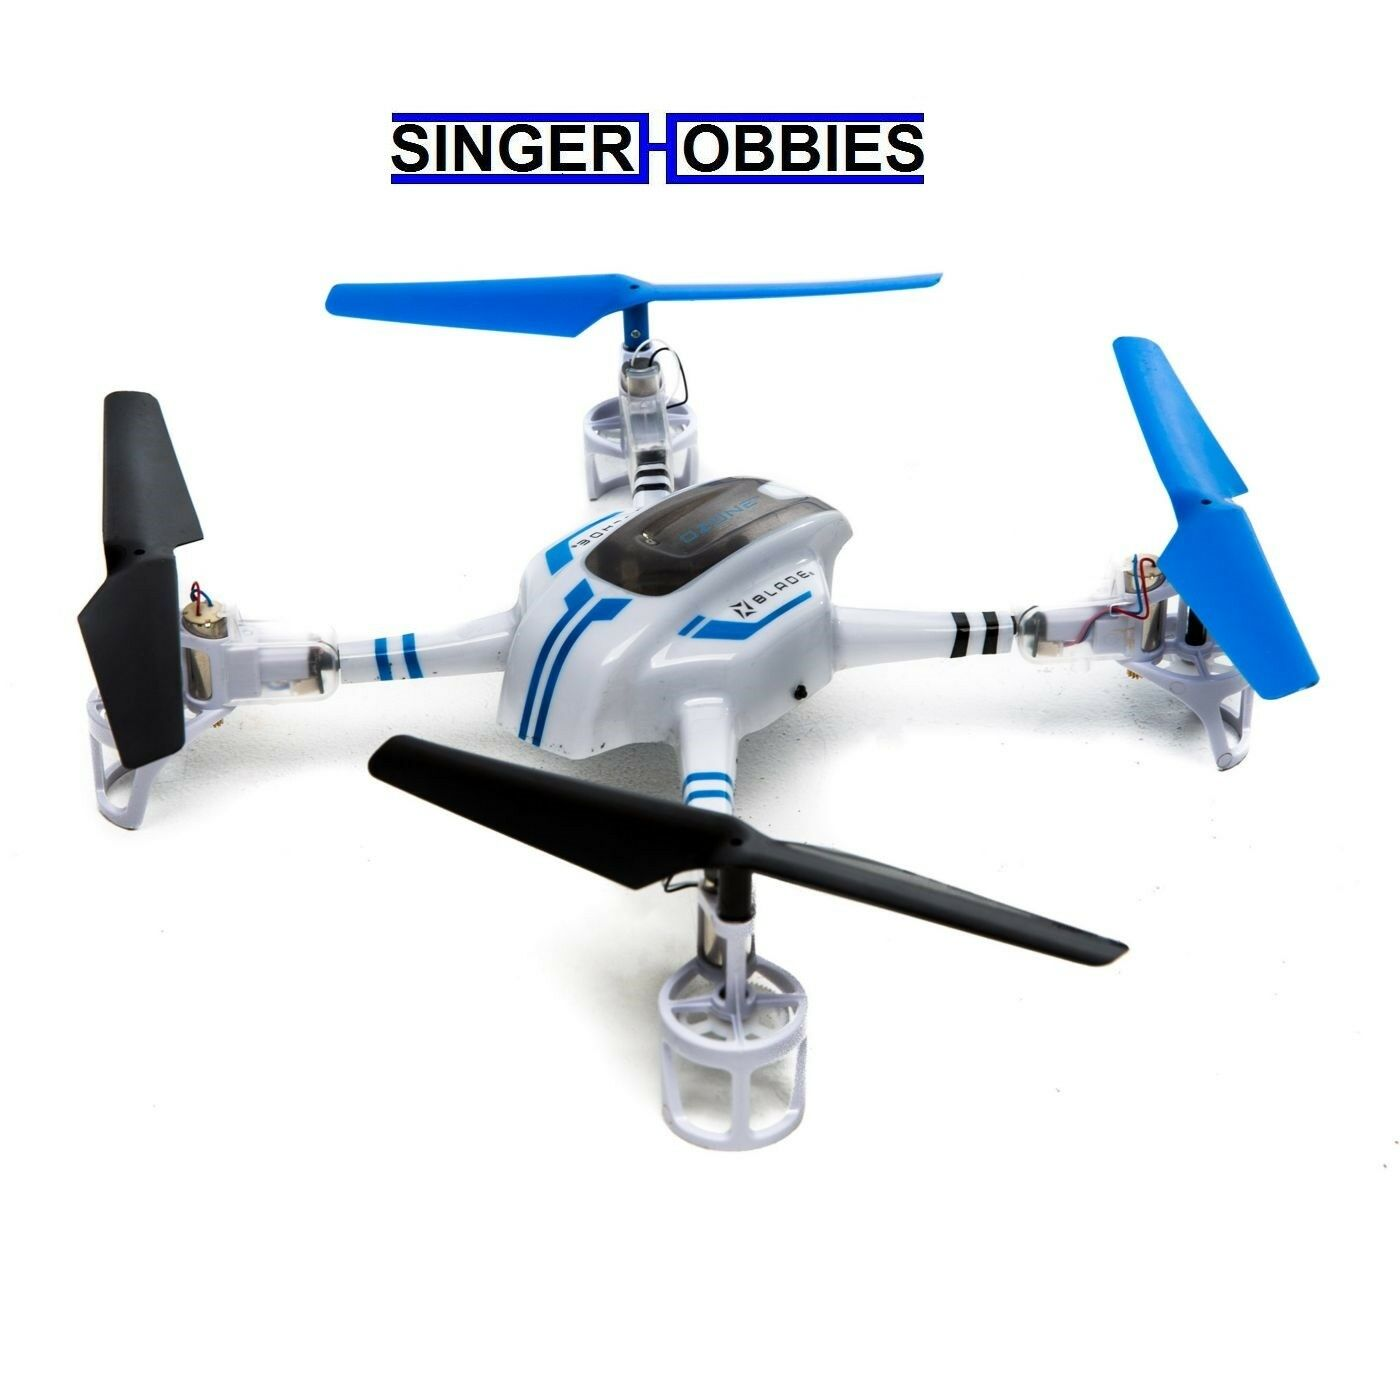 Hoja de ozono Listo Para Volar Radio Control Drone con seguro con LiPo, cargador BLH9700 Hh